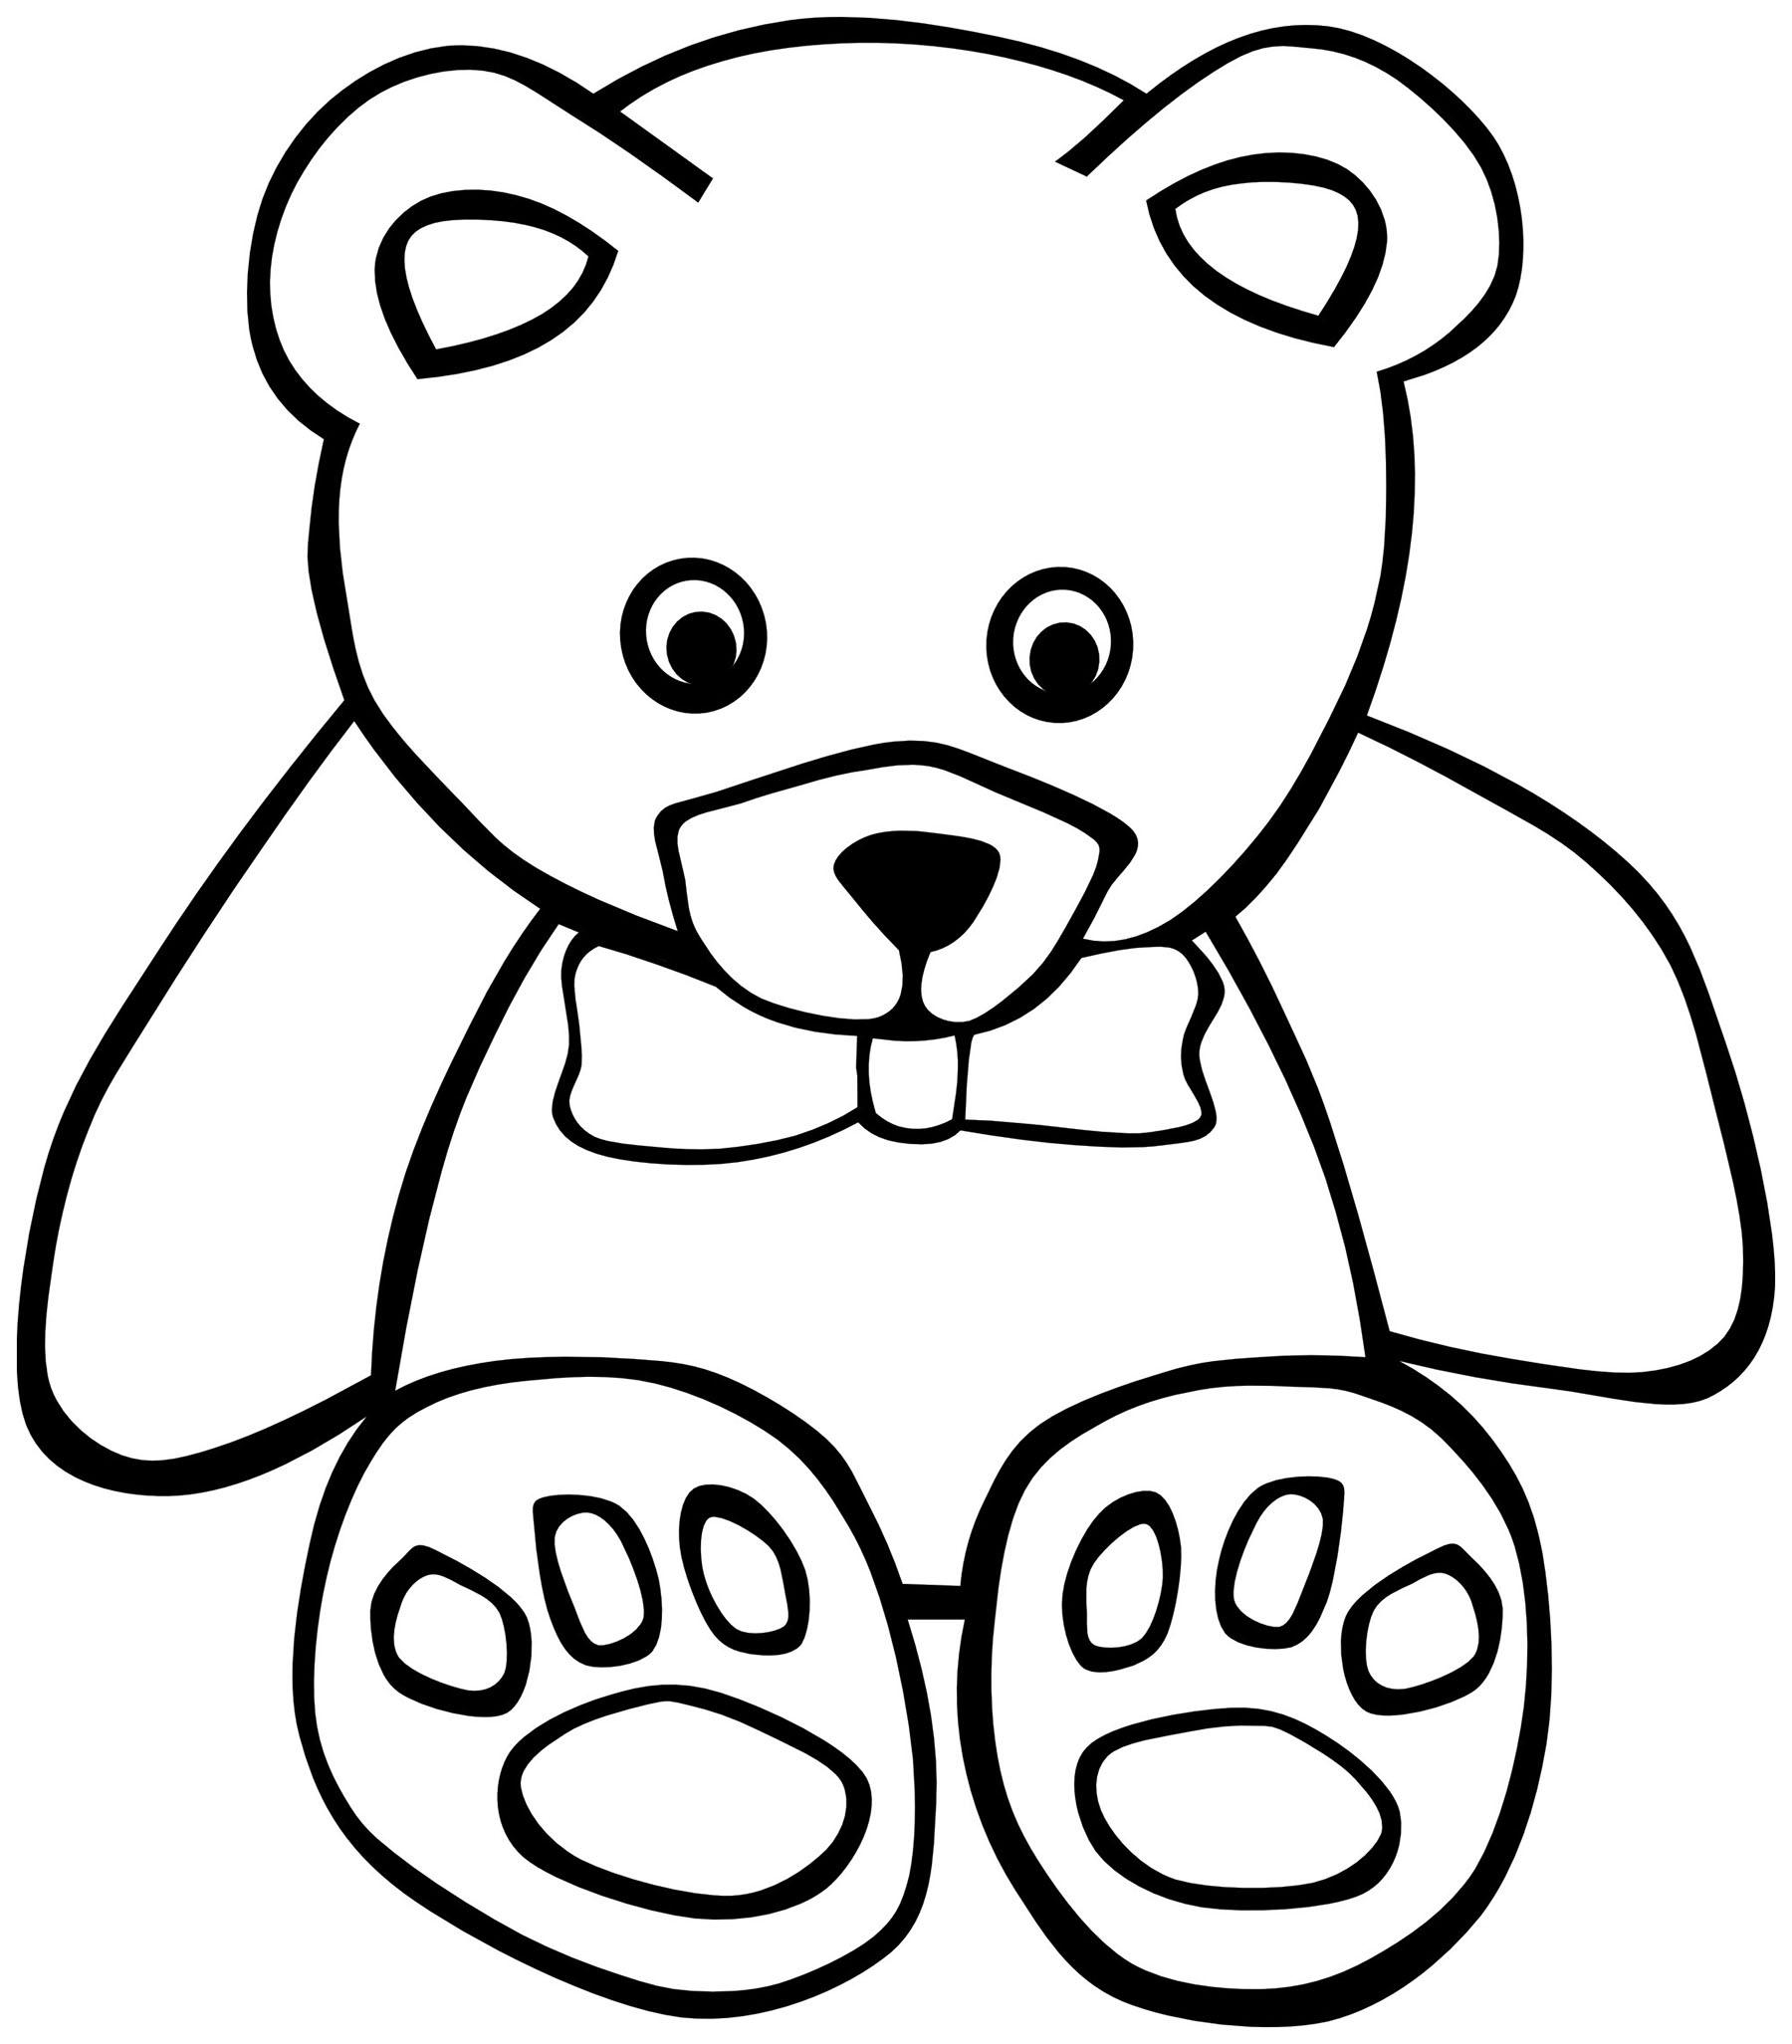 Petit ours - Coloriage d'Oursons - Coloriages pour enfants